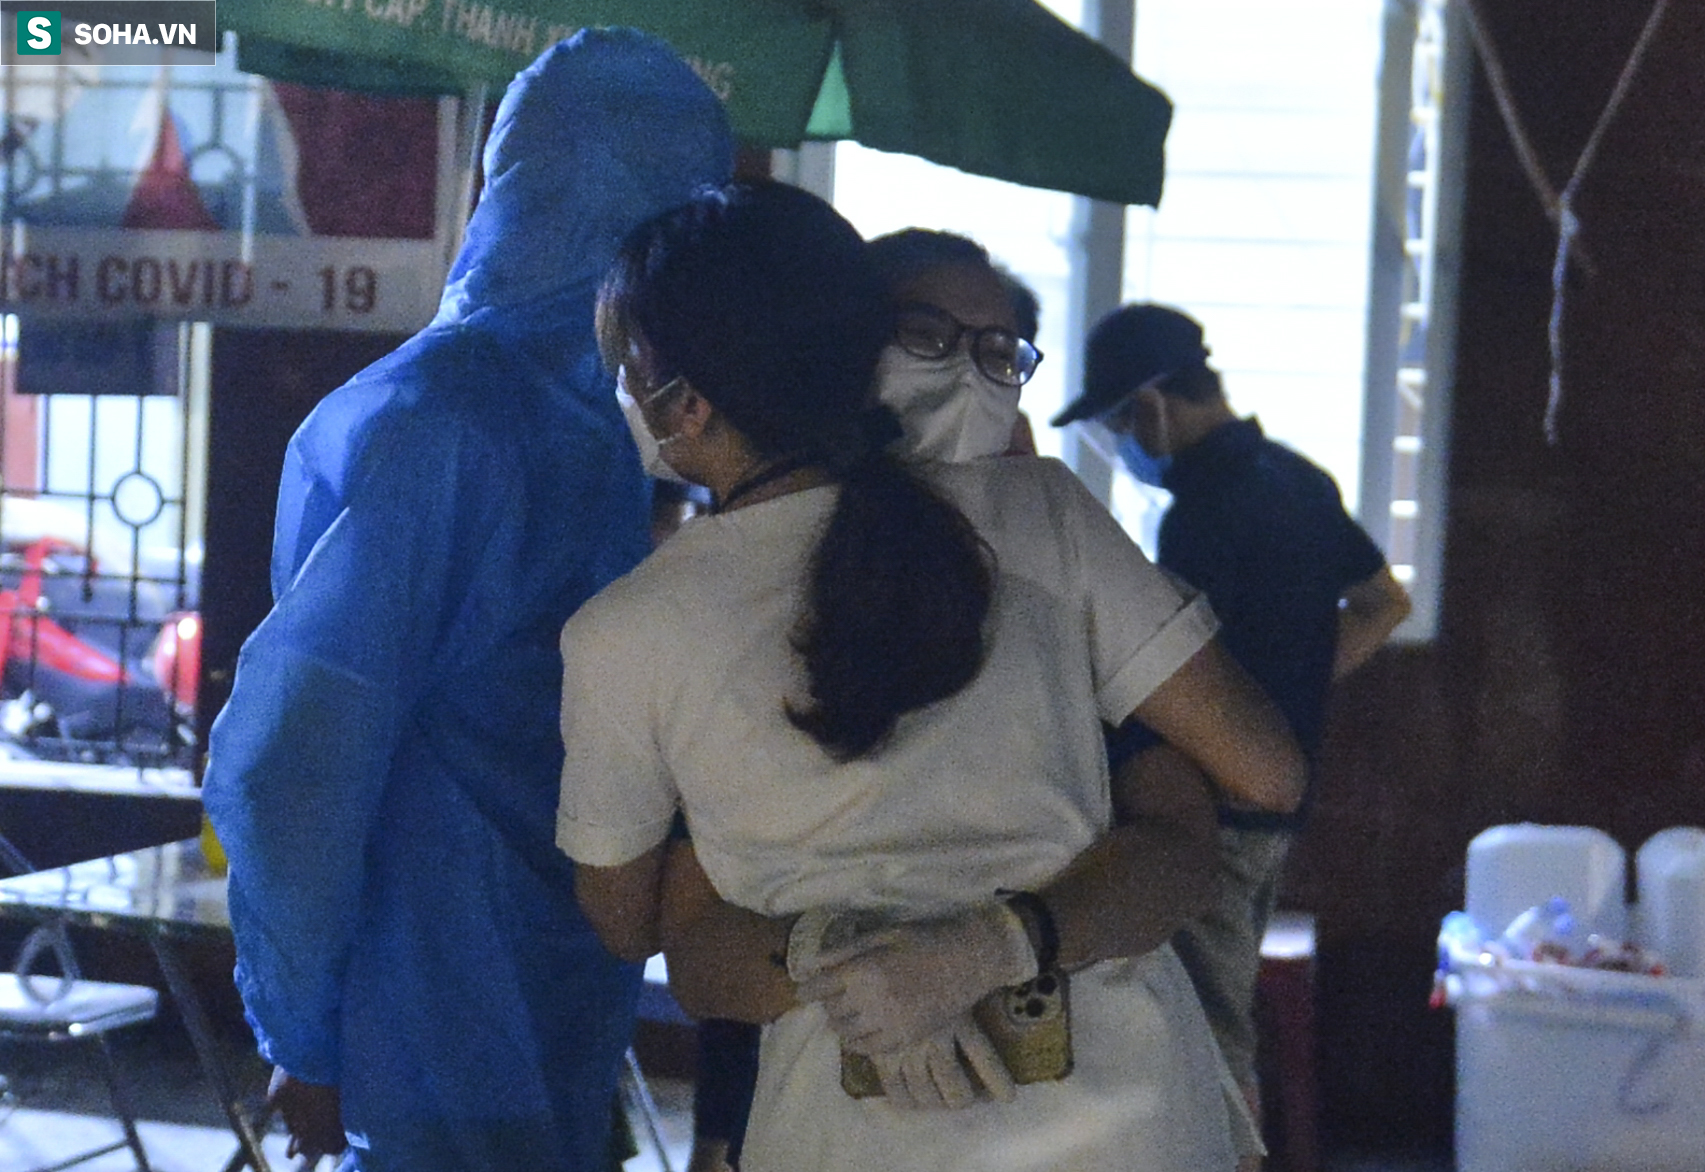 Hà Nội: Dỡ phong toả ổ dịch Thanh Xuân Trung, nhân viên y tế vui mừng bật khóc nức nở - Ảnh 9.